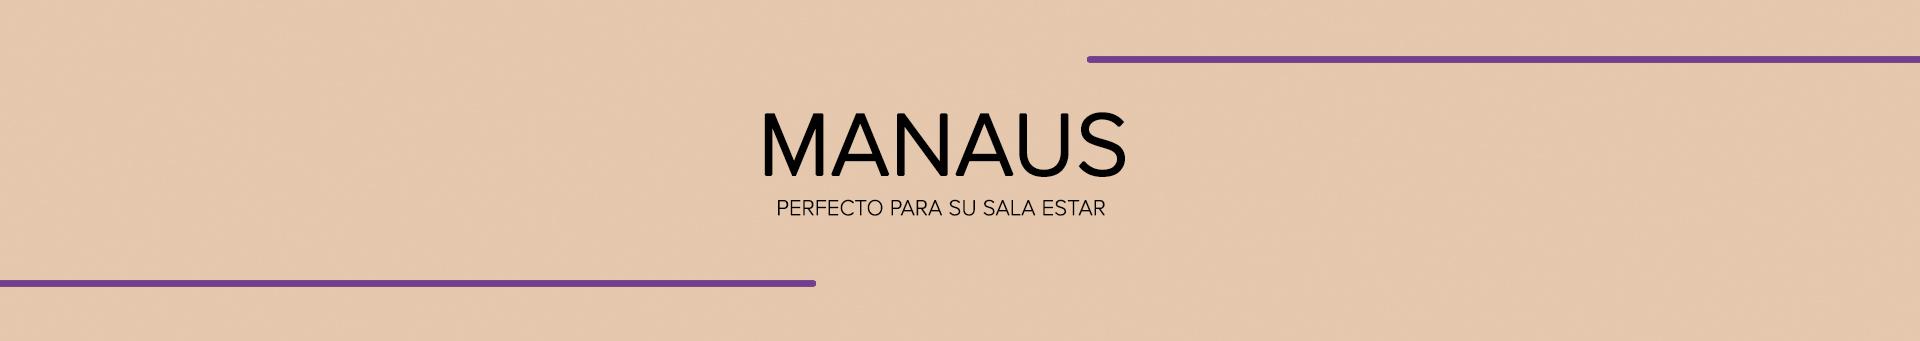 Home para TV Manaus